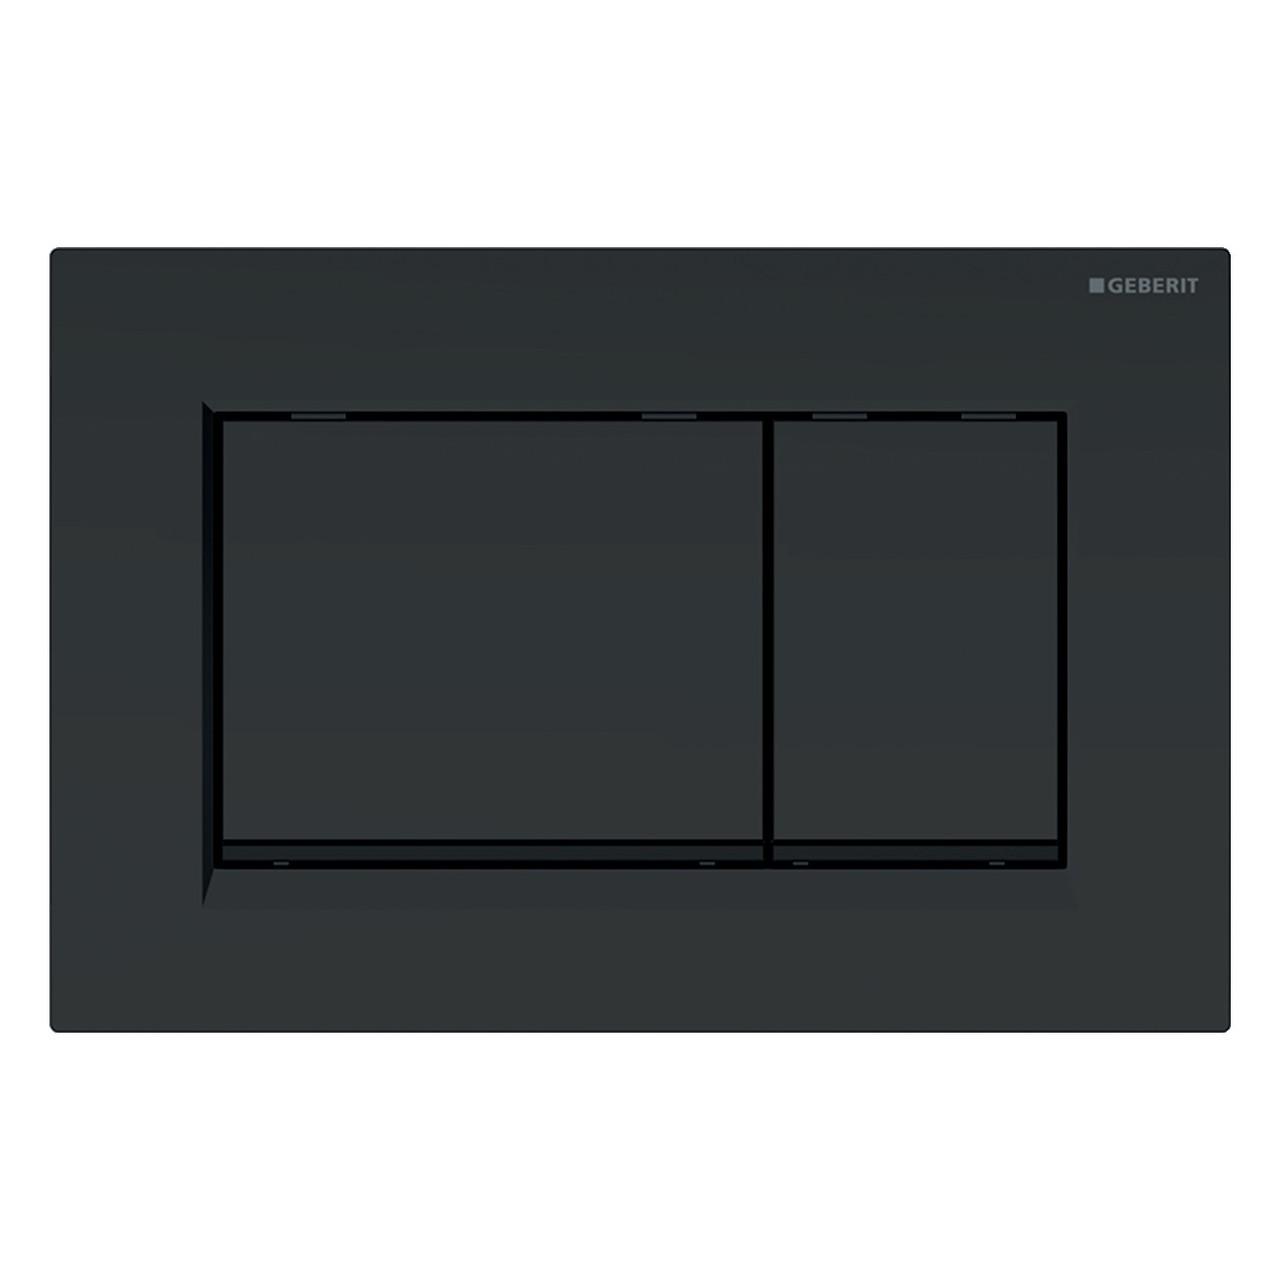 SIGMA30 змивна клавіша, подвійний змив: чорний матовий, легко чиститься покриття, чорний